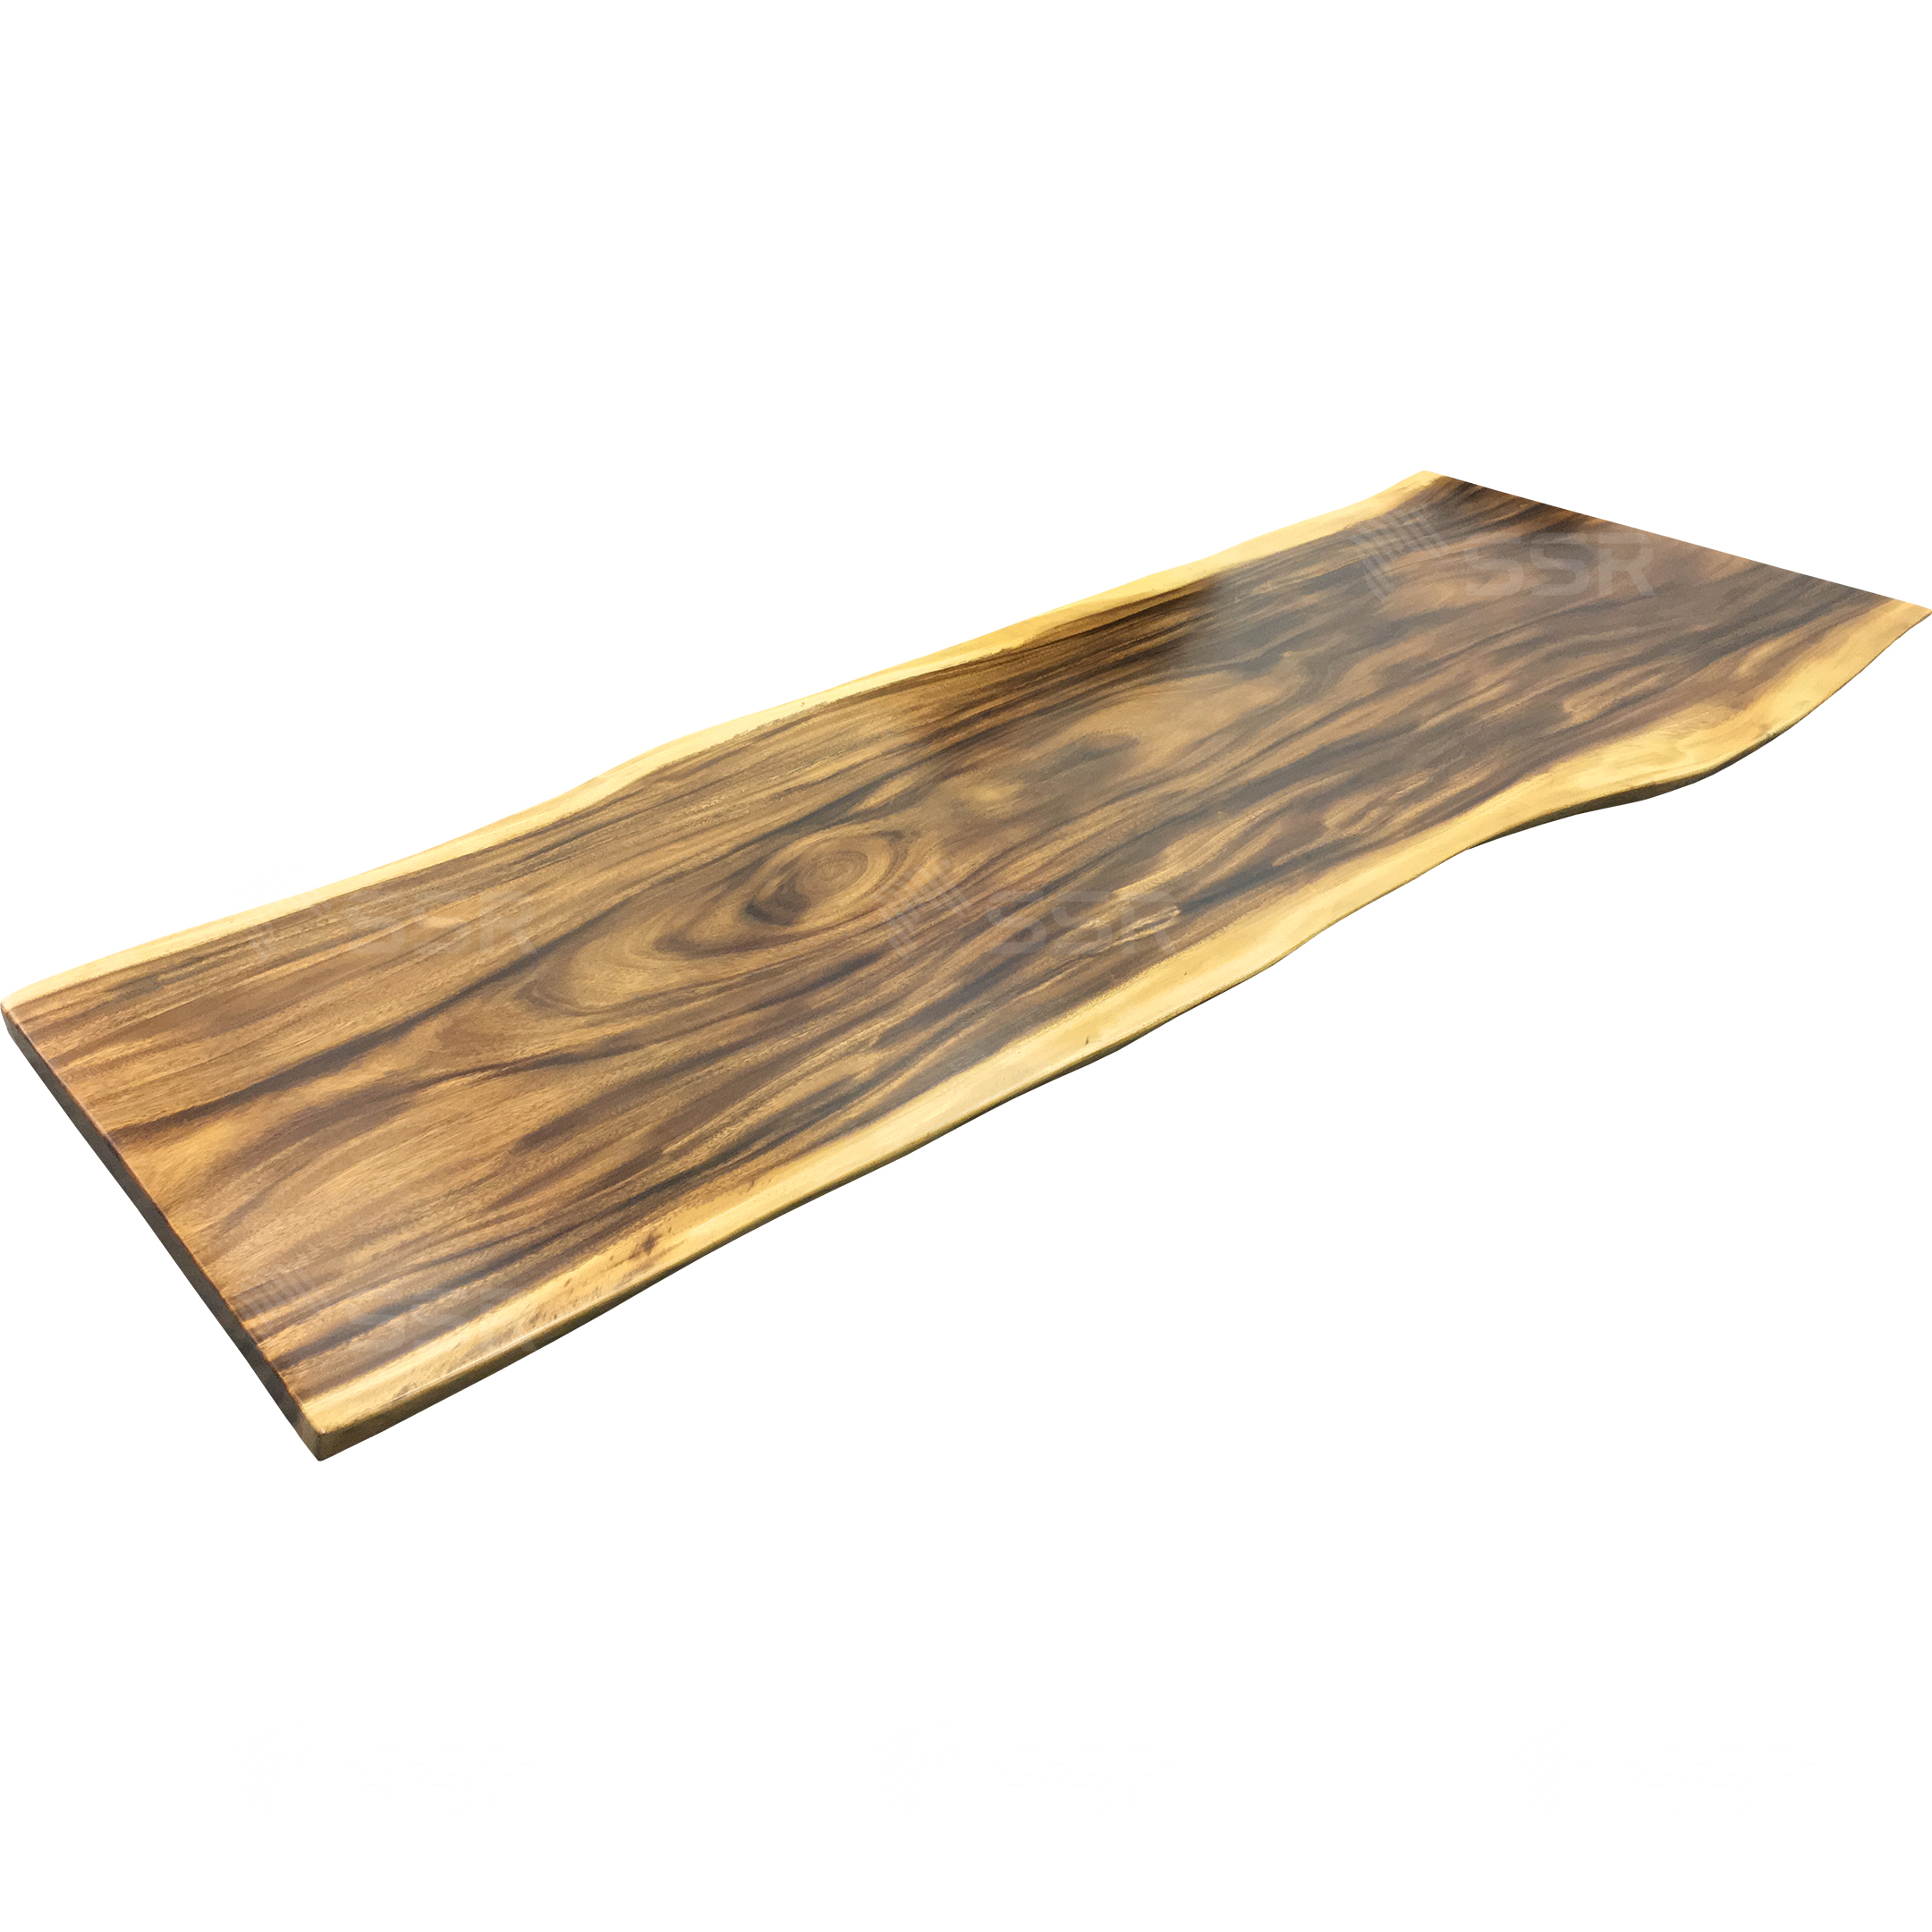 Gỗ me tây Gỗ còng Mặt bàn gỗ nguyên tấm Lau dầu Phủ đầu Cạnh tự nhiên Tấm gỗ Công nghiệp gỗ Toàn cầu thương mại Buôn bán Nhà cung cấp sản phẩm gỗ quốc tế Bán sỉ Chứng nhận FSC Nhập khẩu Xuất khẩu